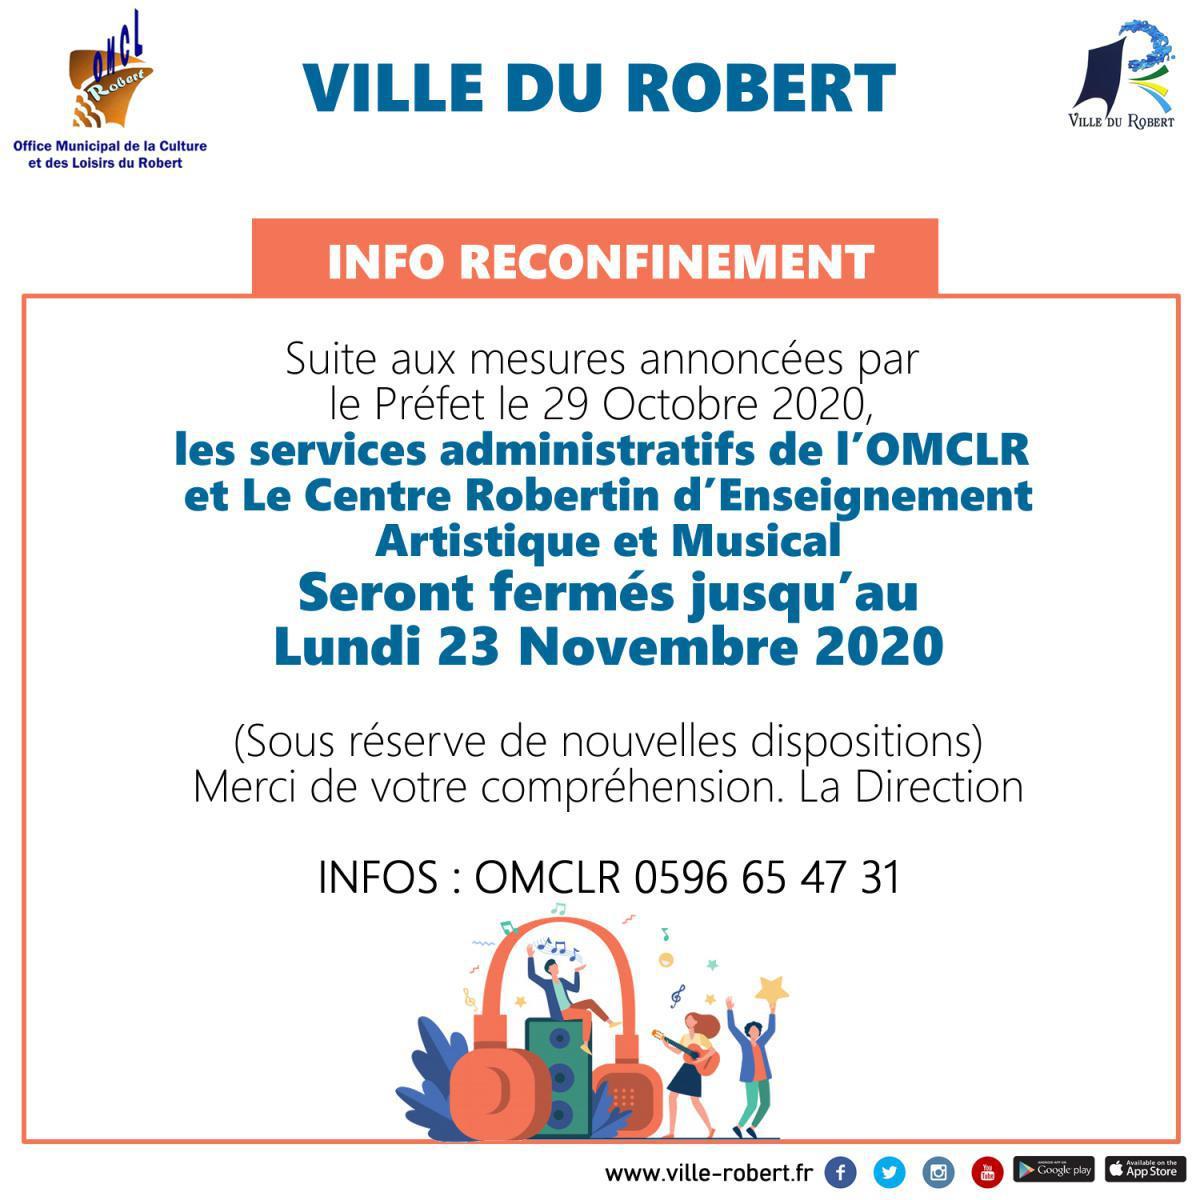 INFO RECONFINEMENT : LES MESURES DE L'OMCLR